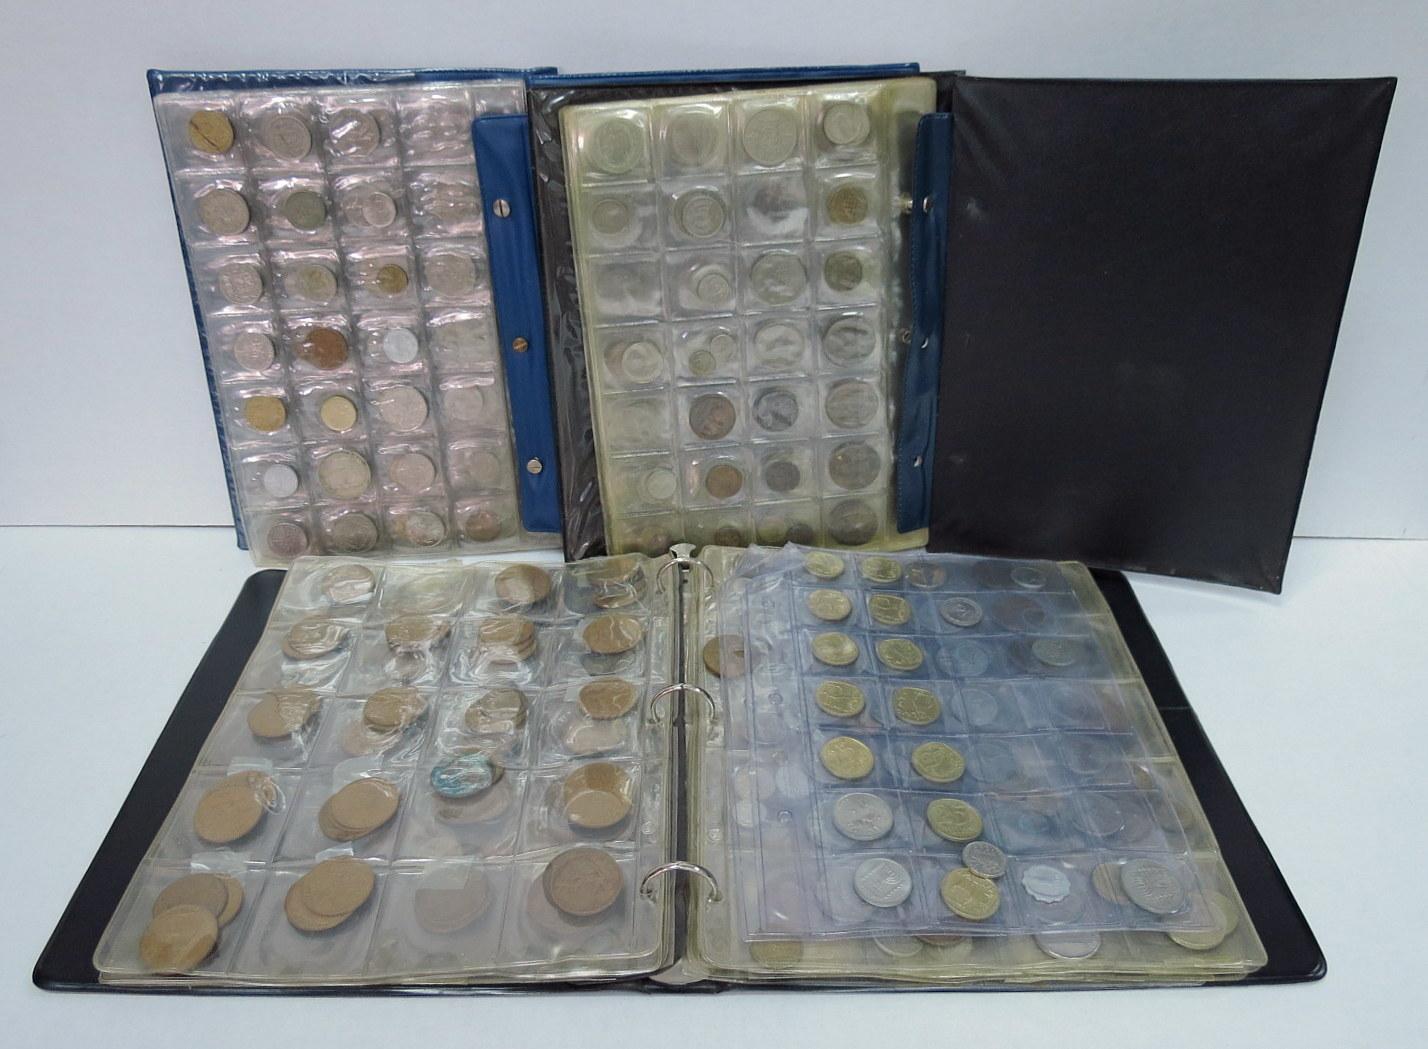 אוסף מטבעות, ישראל וכל העולם בשלושה אלבומים